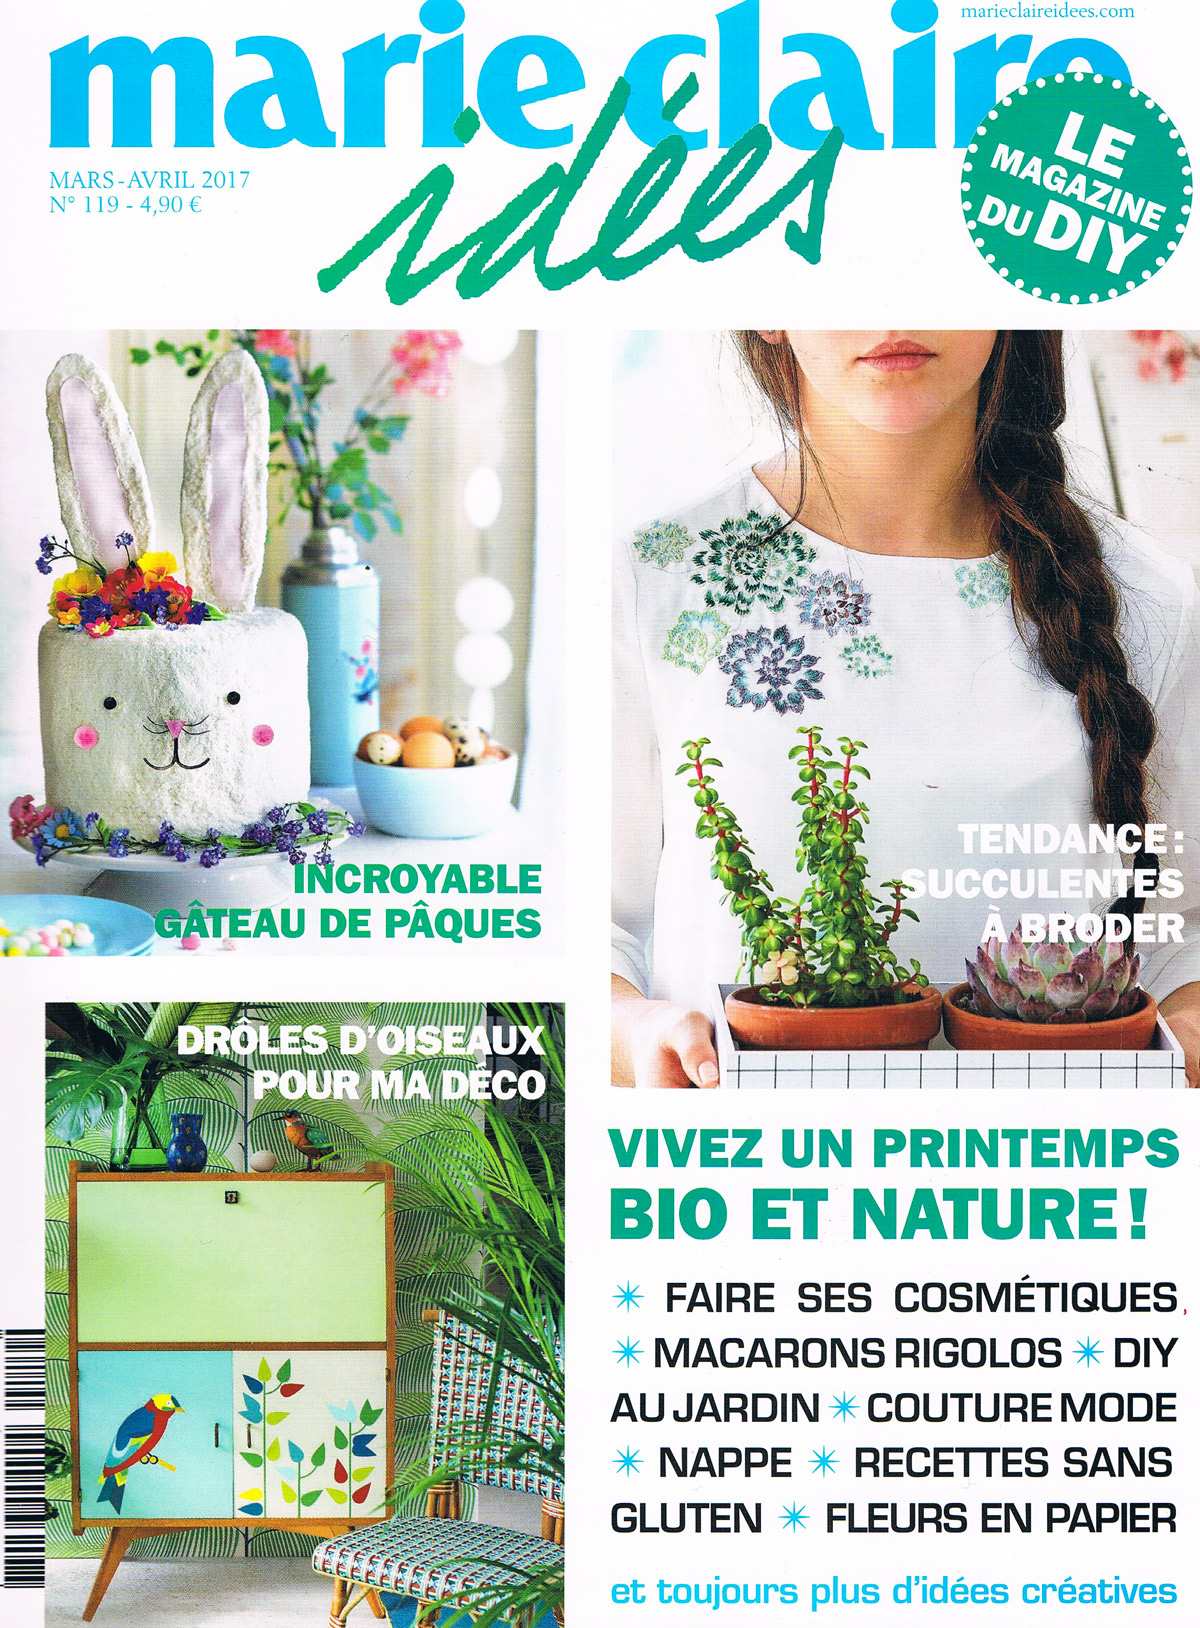 Marie Claire Idées 2017